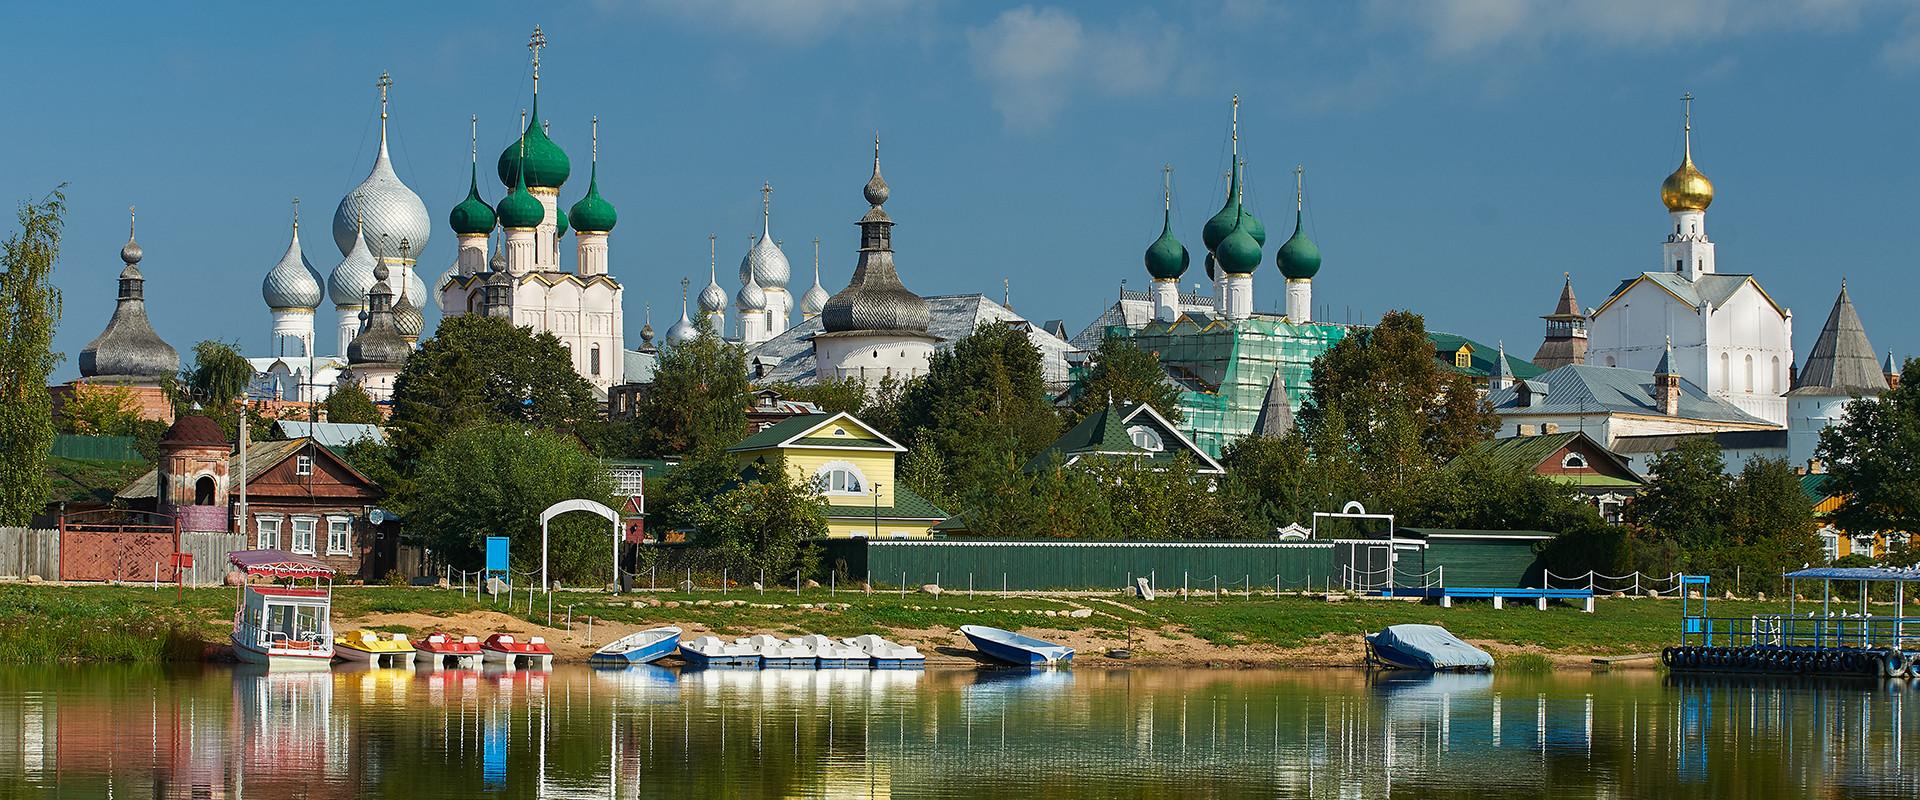 Nizhny_Novgorod_hero.jpg